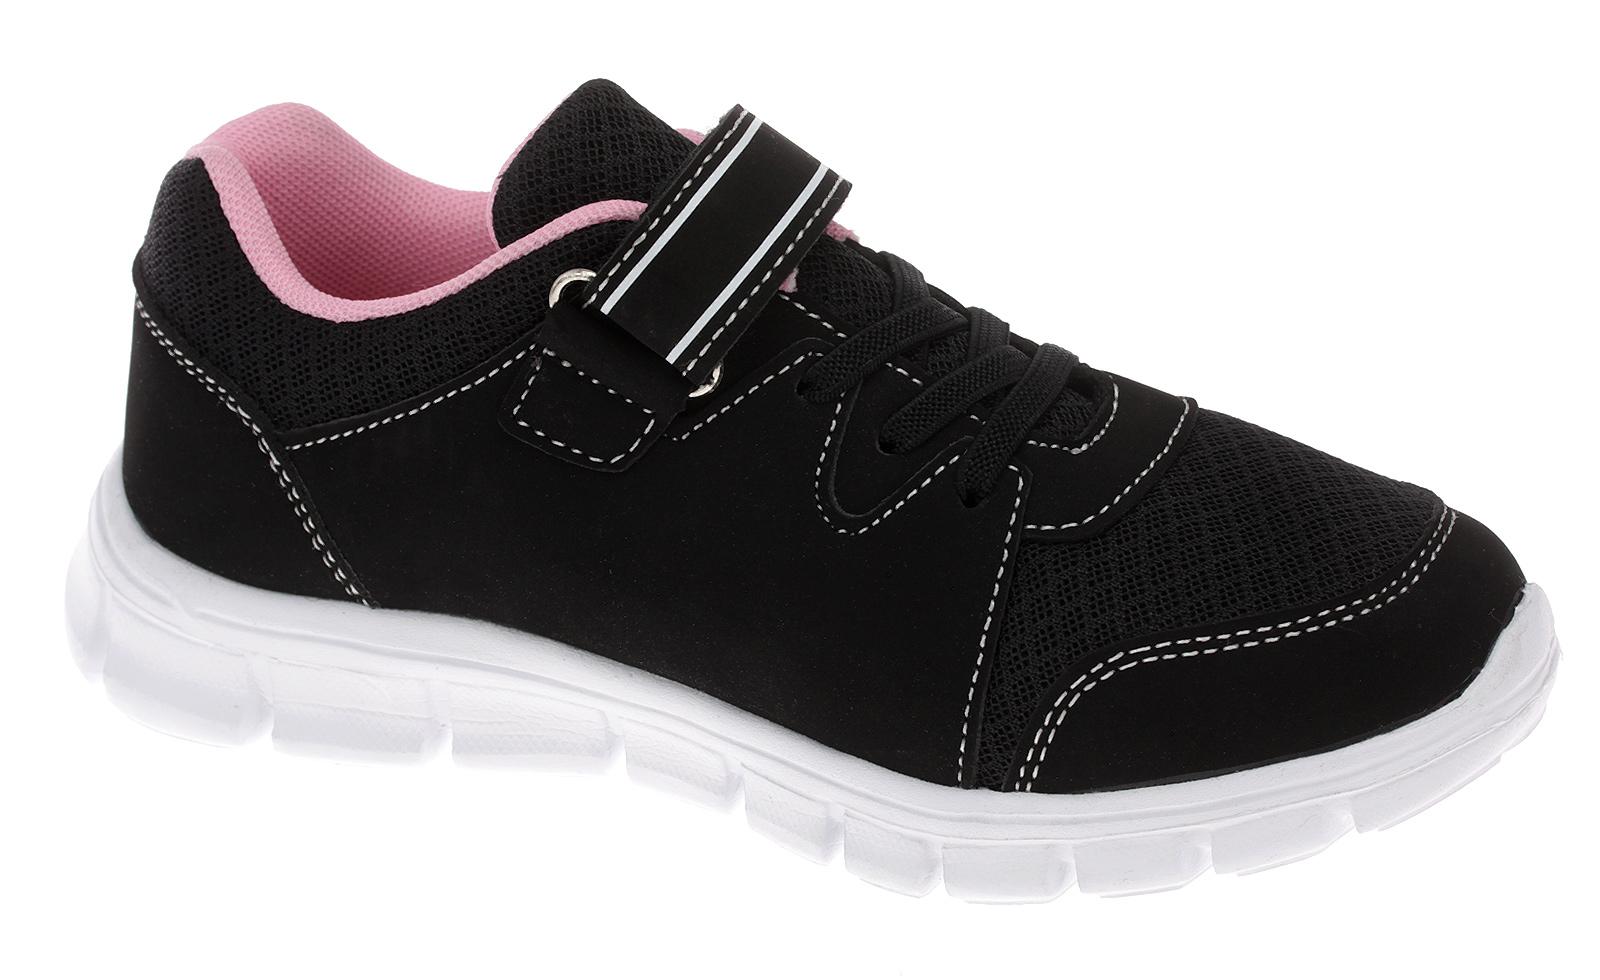 Kinder Sportschuhe Turnschuhe 31-36 Klettverschluss Jungen Mädchen Sneaker 8056